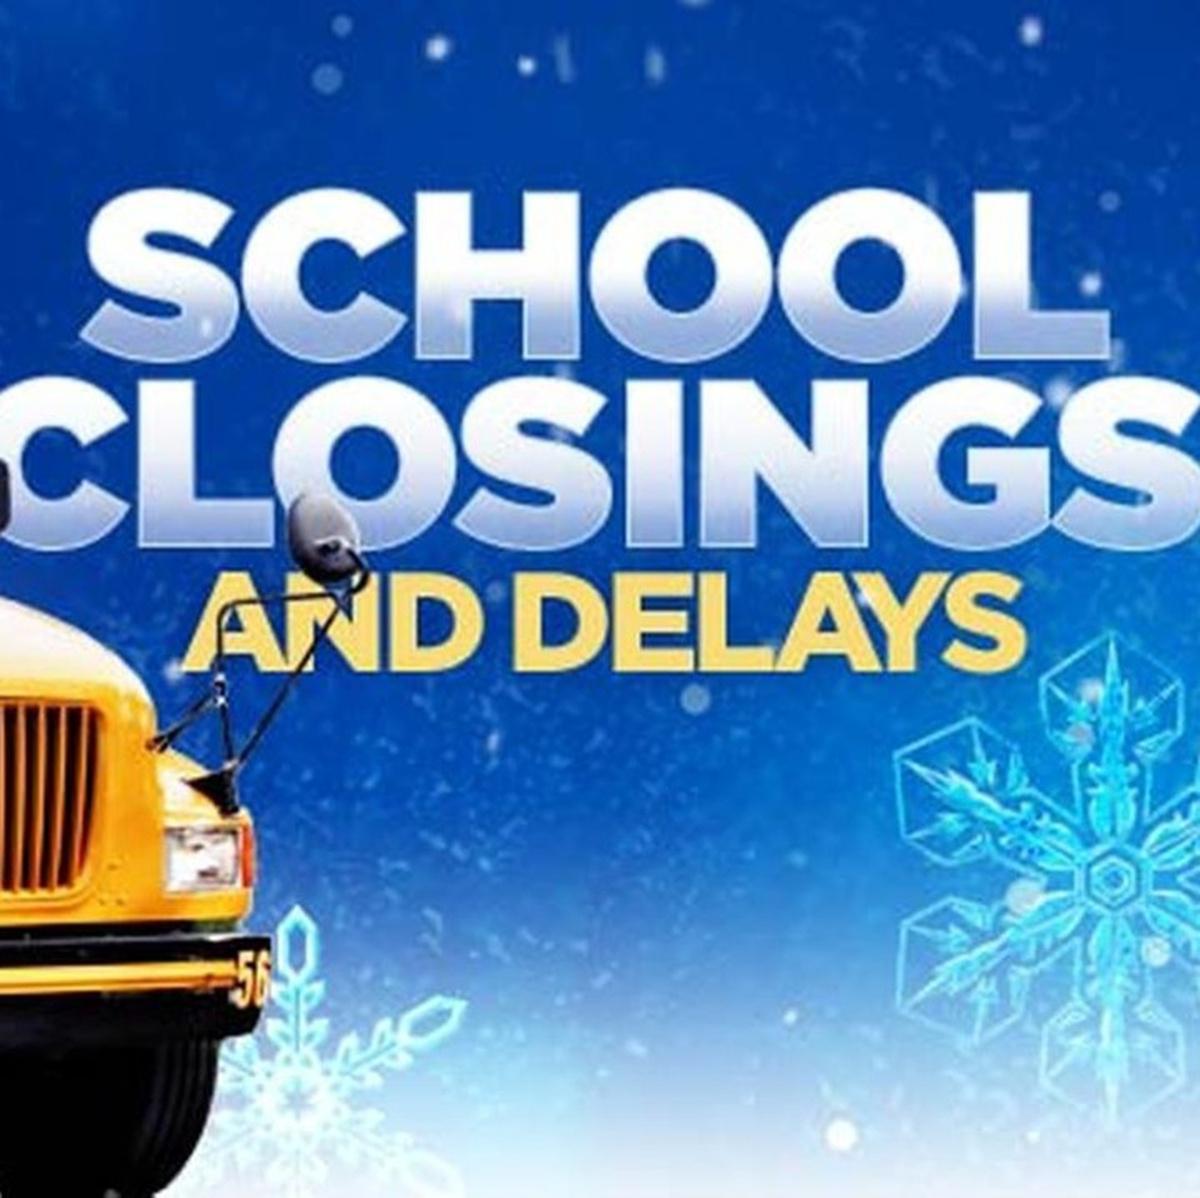 BCPS Closings & Delays